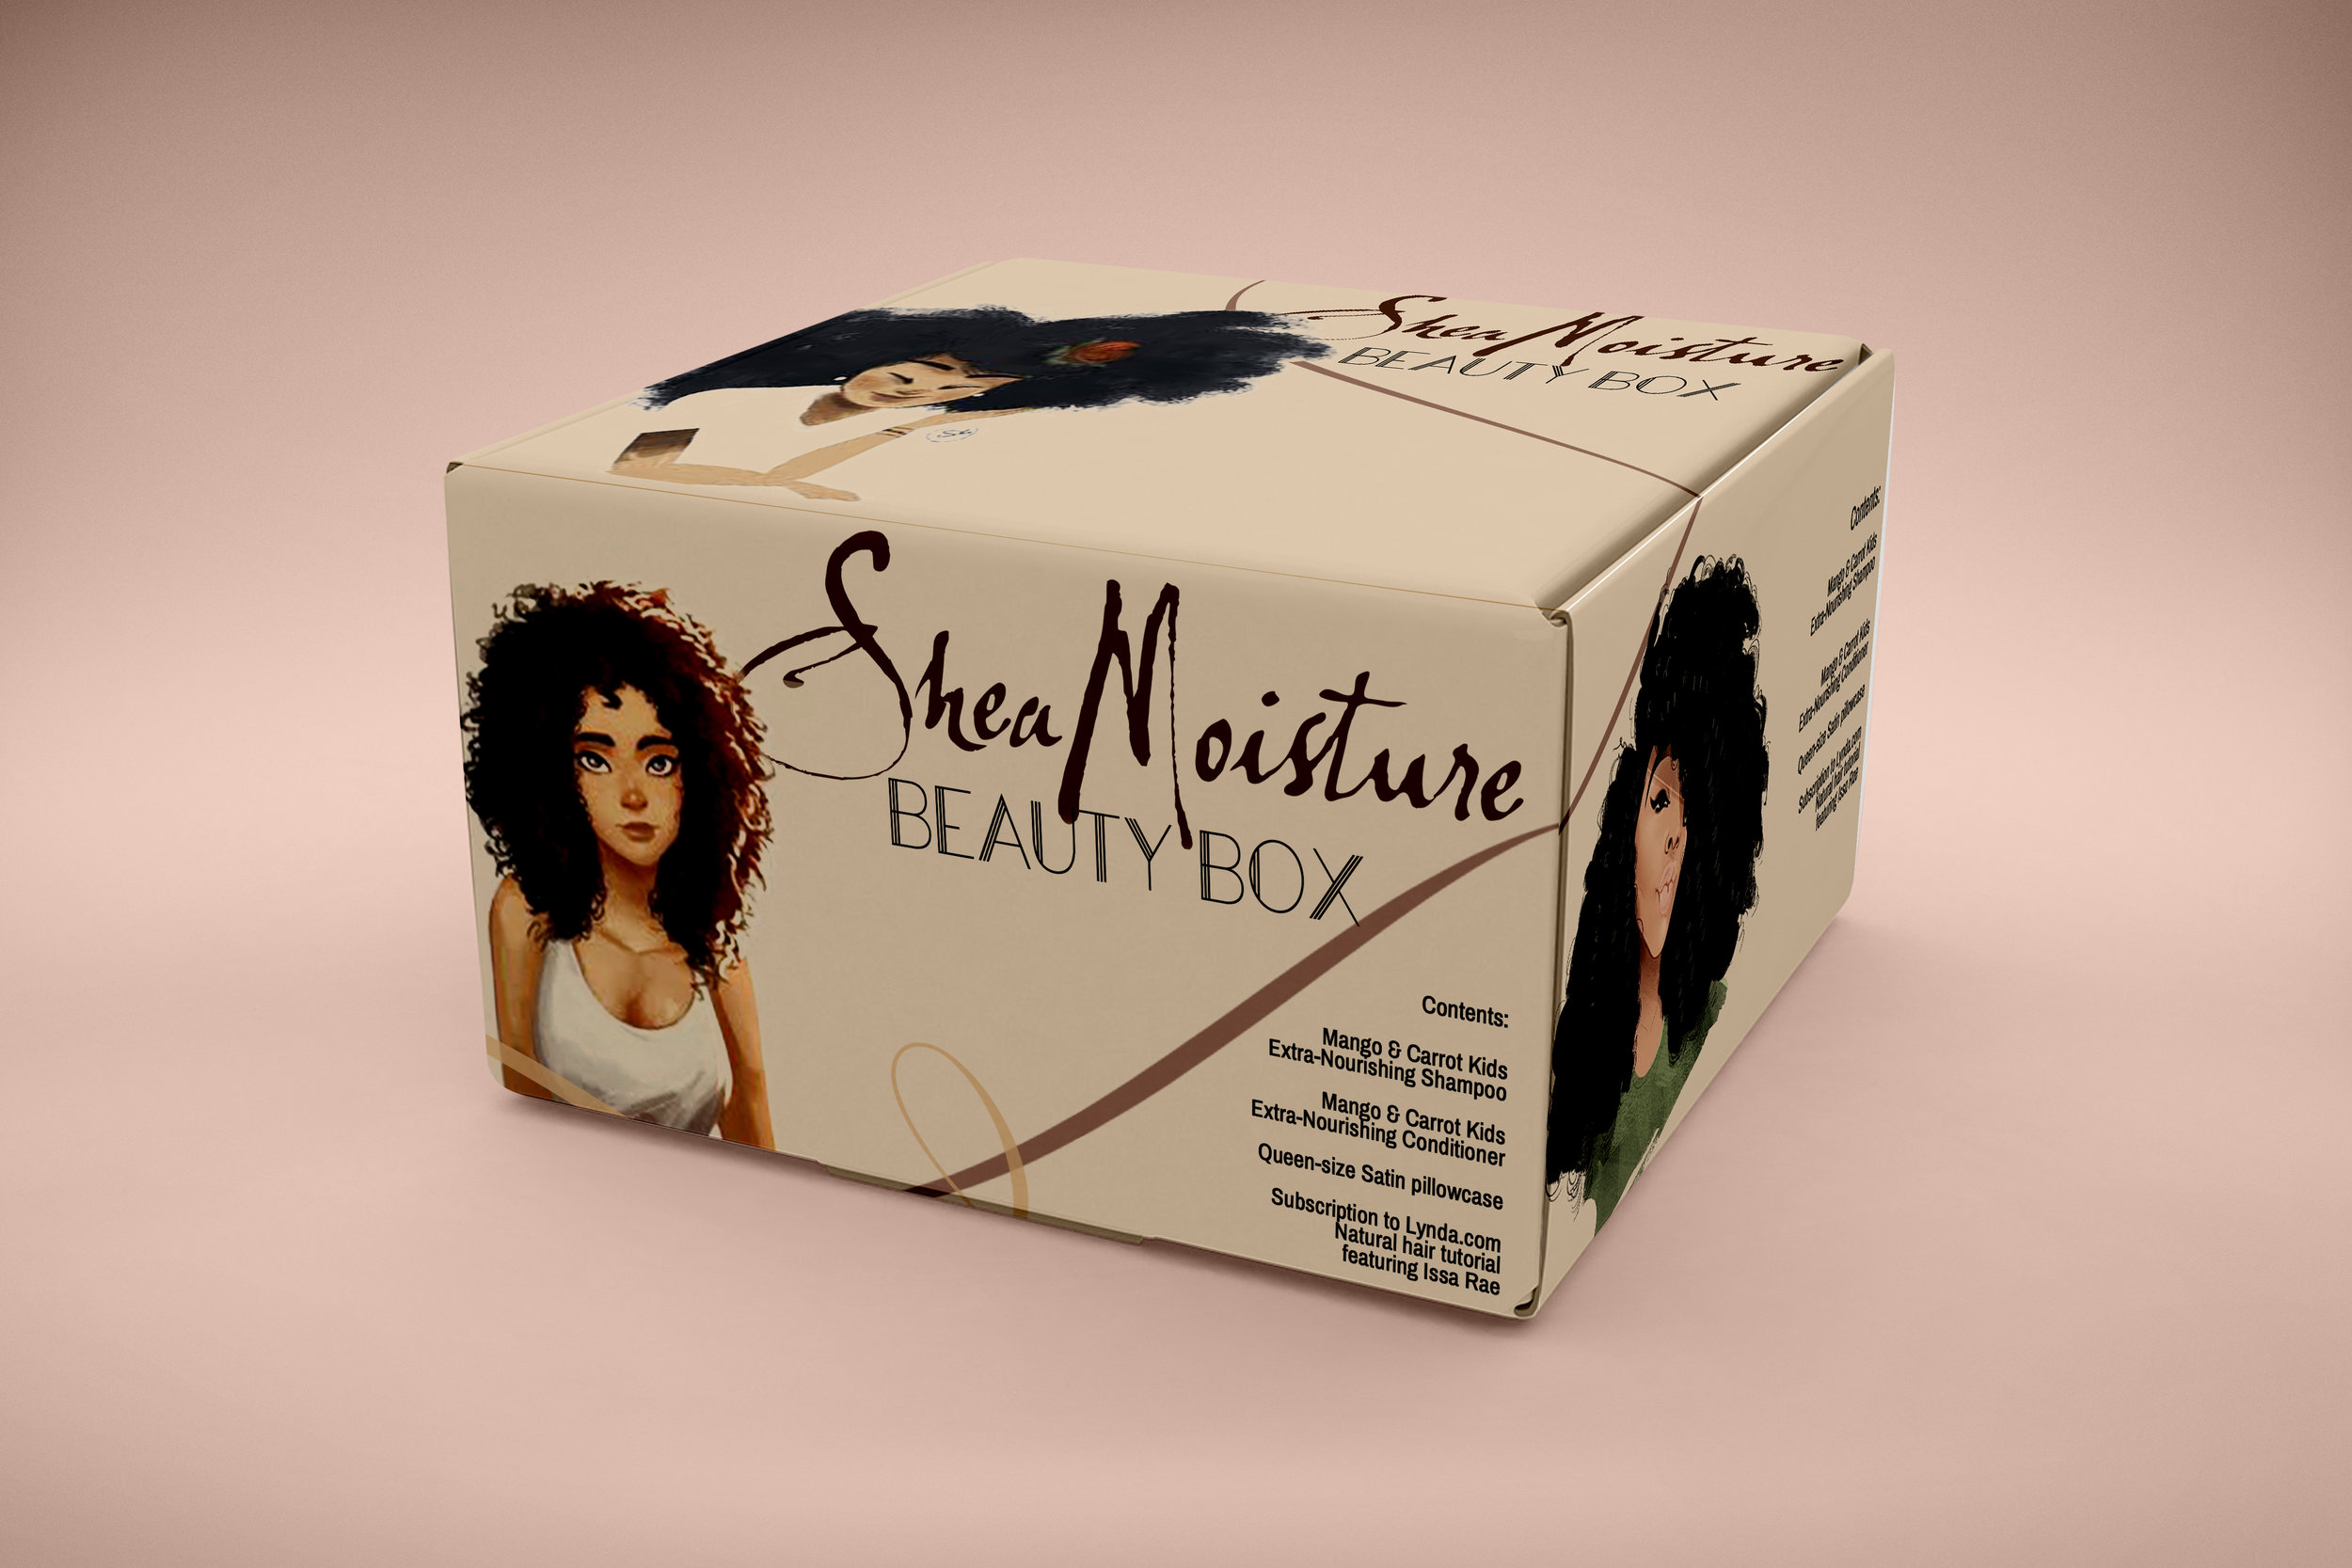 Shea Beauty Box f1v2.jpg